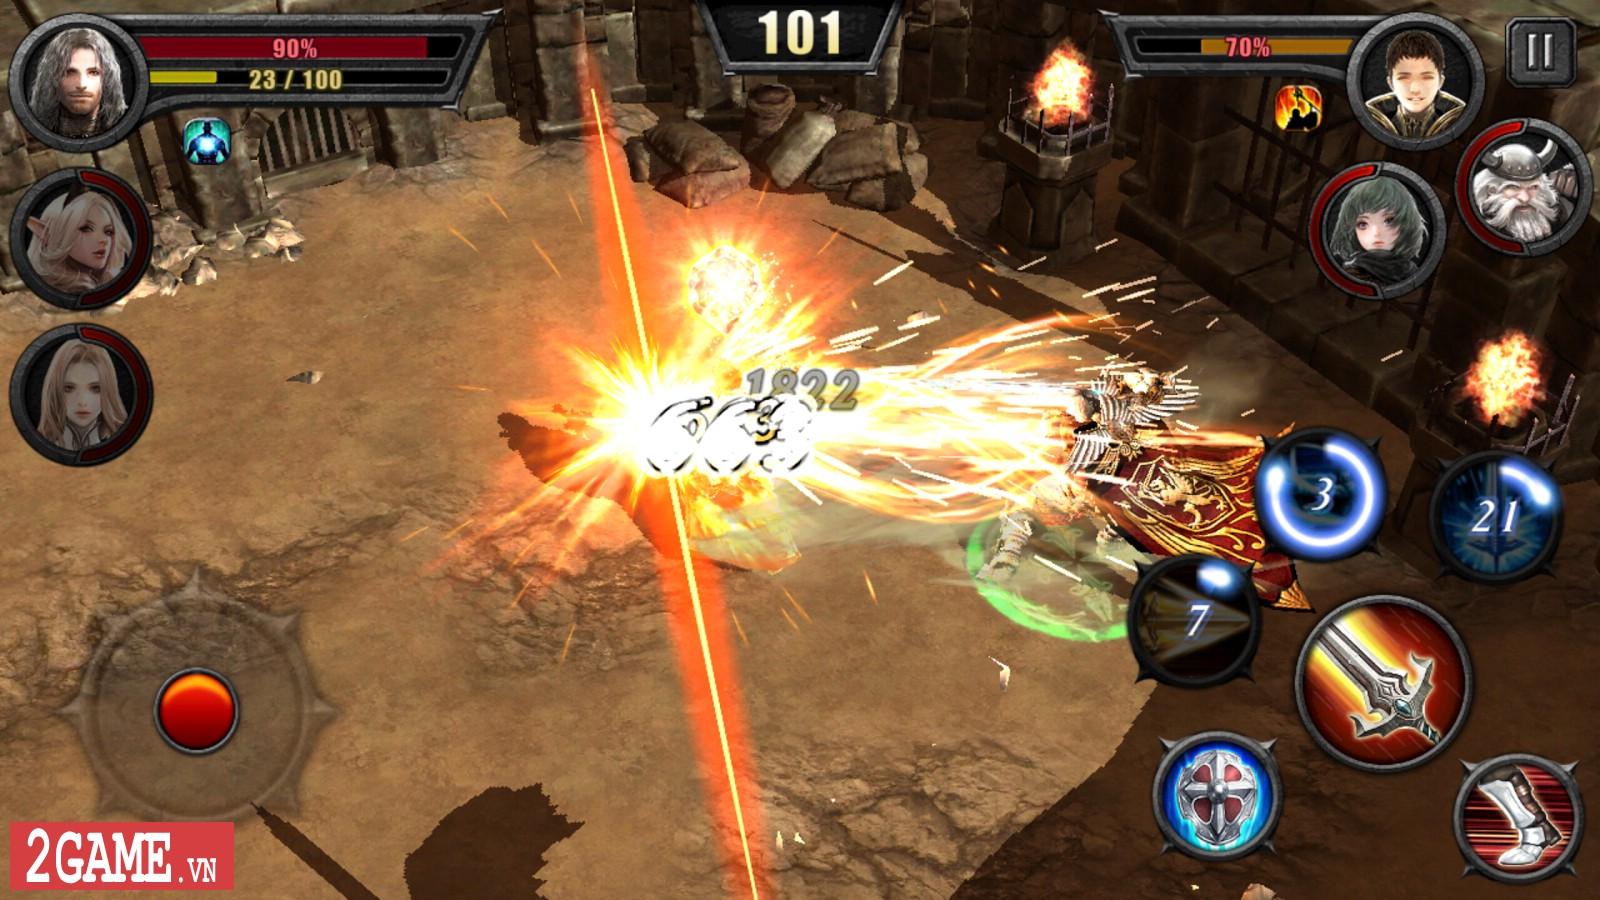 Dragon Raja M - Game mobile nhập vai chặt chém ra mắt season 2 với nhiều cải tiến mới 1